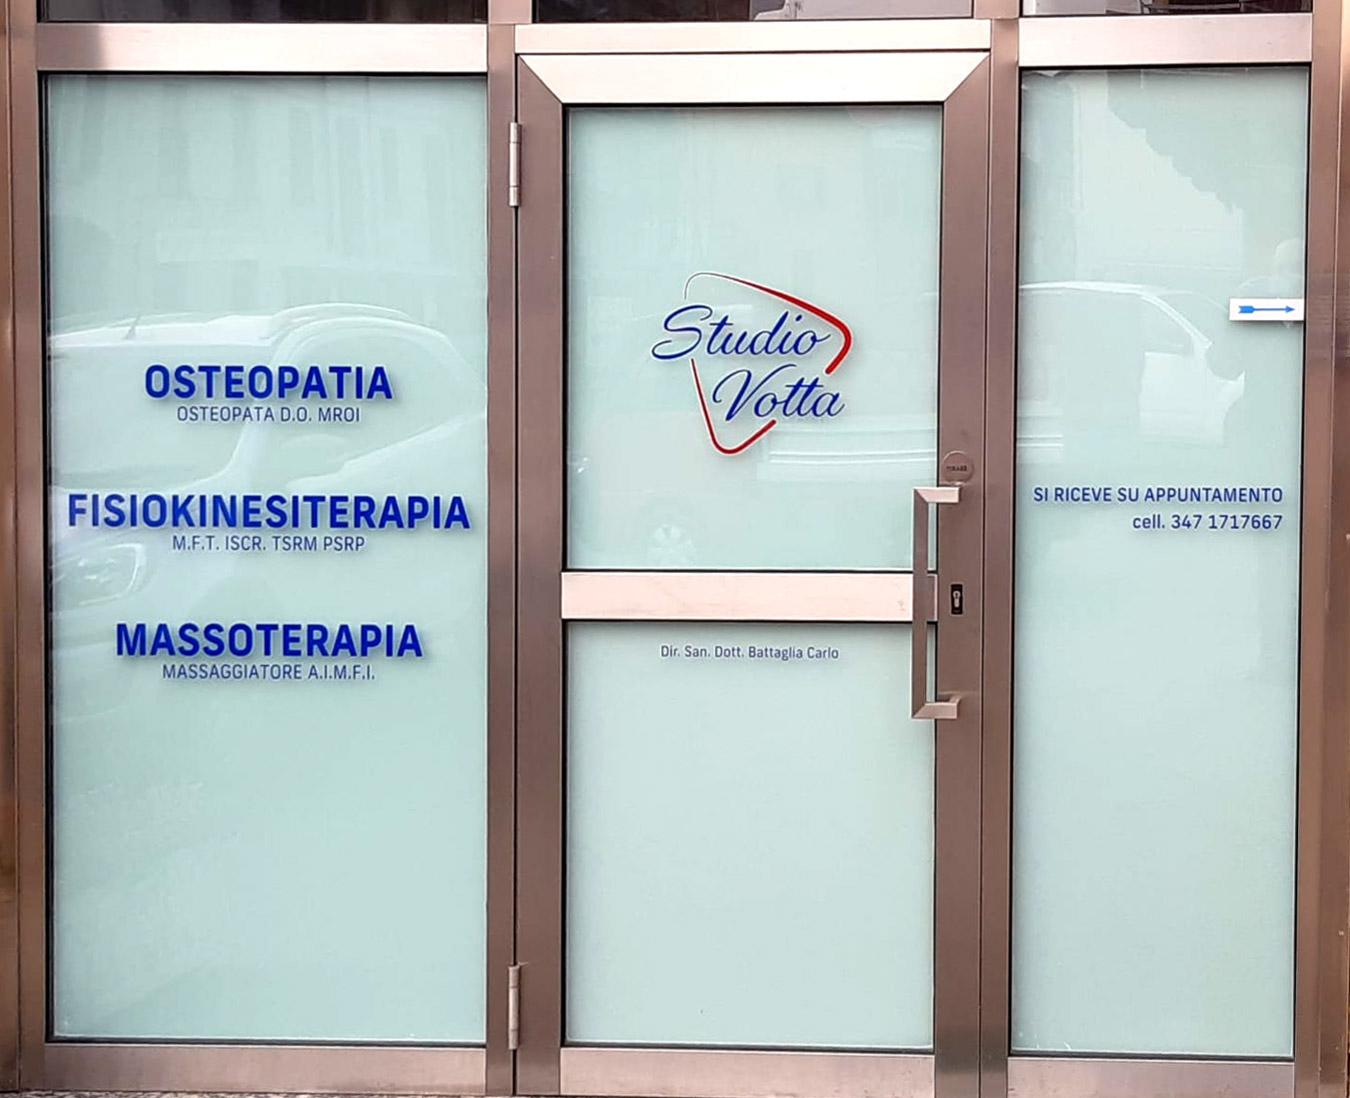 Lo studio Votta terapie manuali e riabilitative a Cantù Como